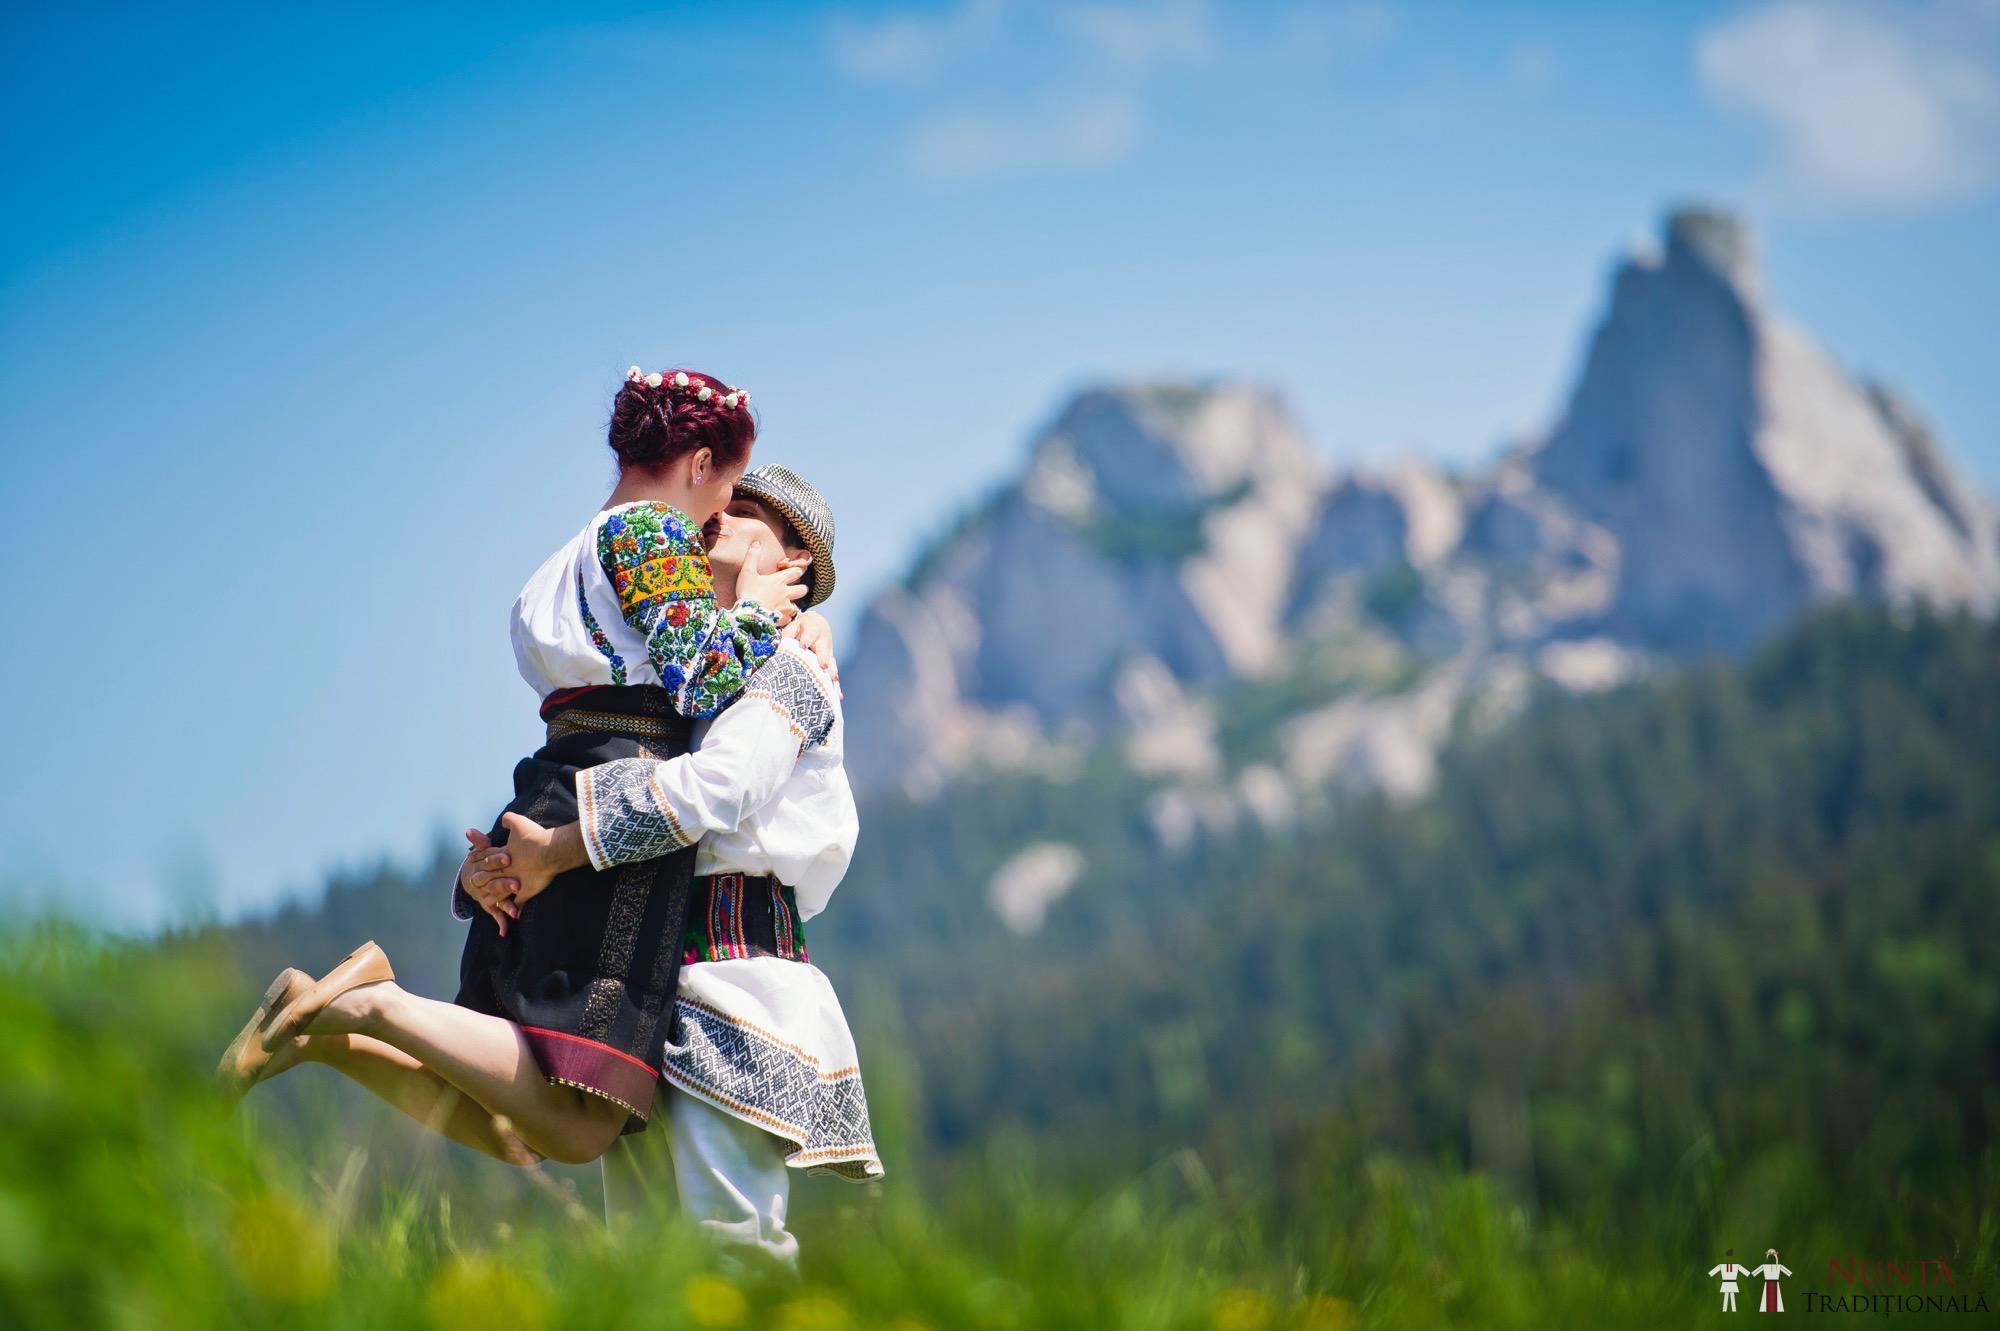 Povești Nunți Tradiționale - Gabriela și Mădălin - Nuntă Tradițională în Suceava, Bucovina 26